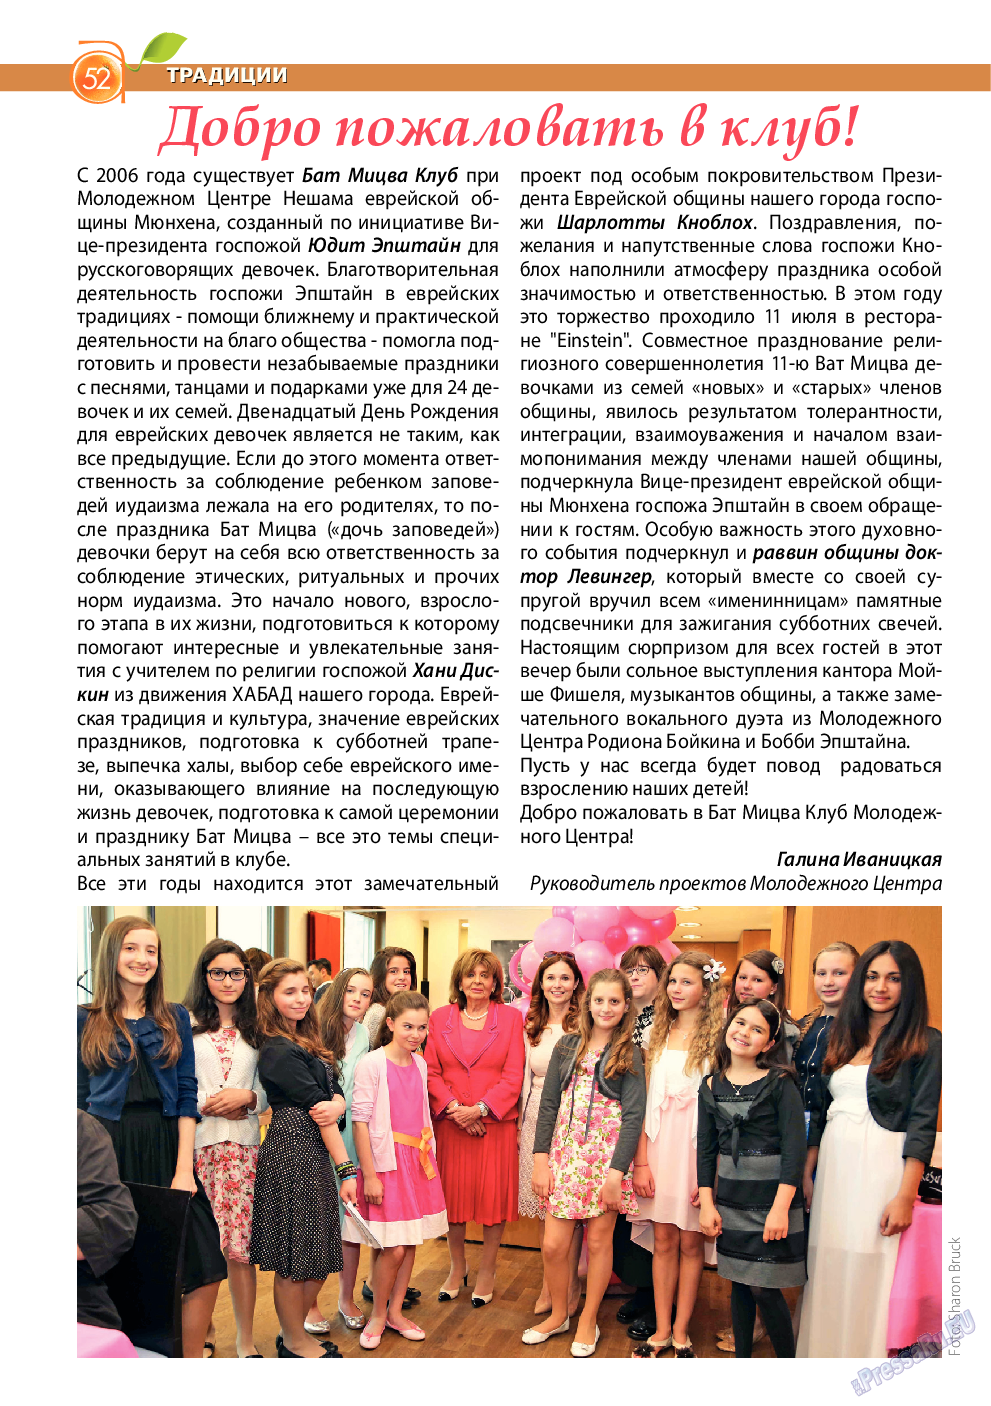 Апельсин (журнал). 2014 год, номер 62, стр. 52